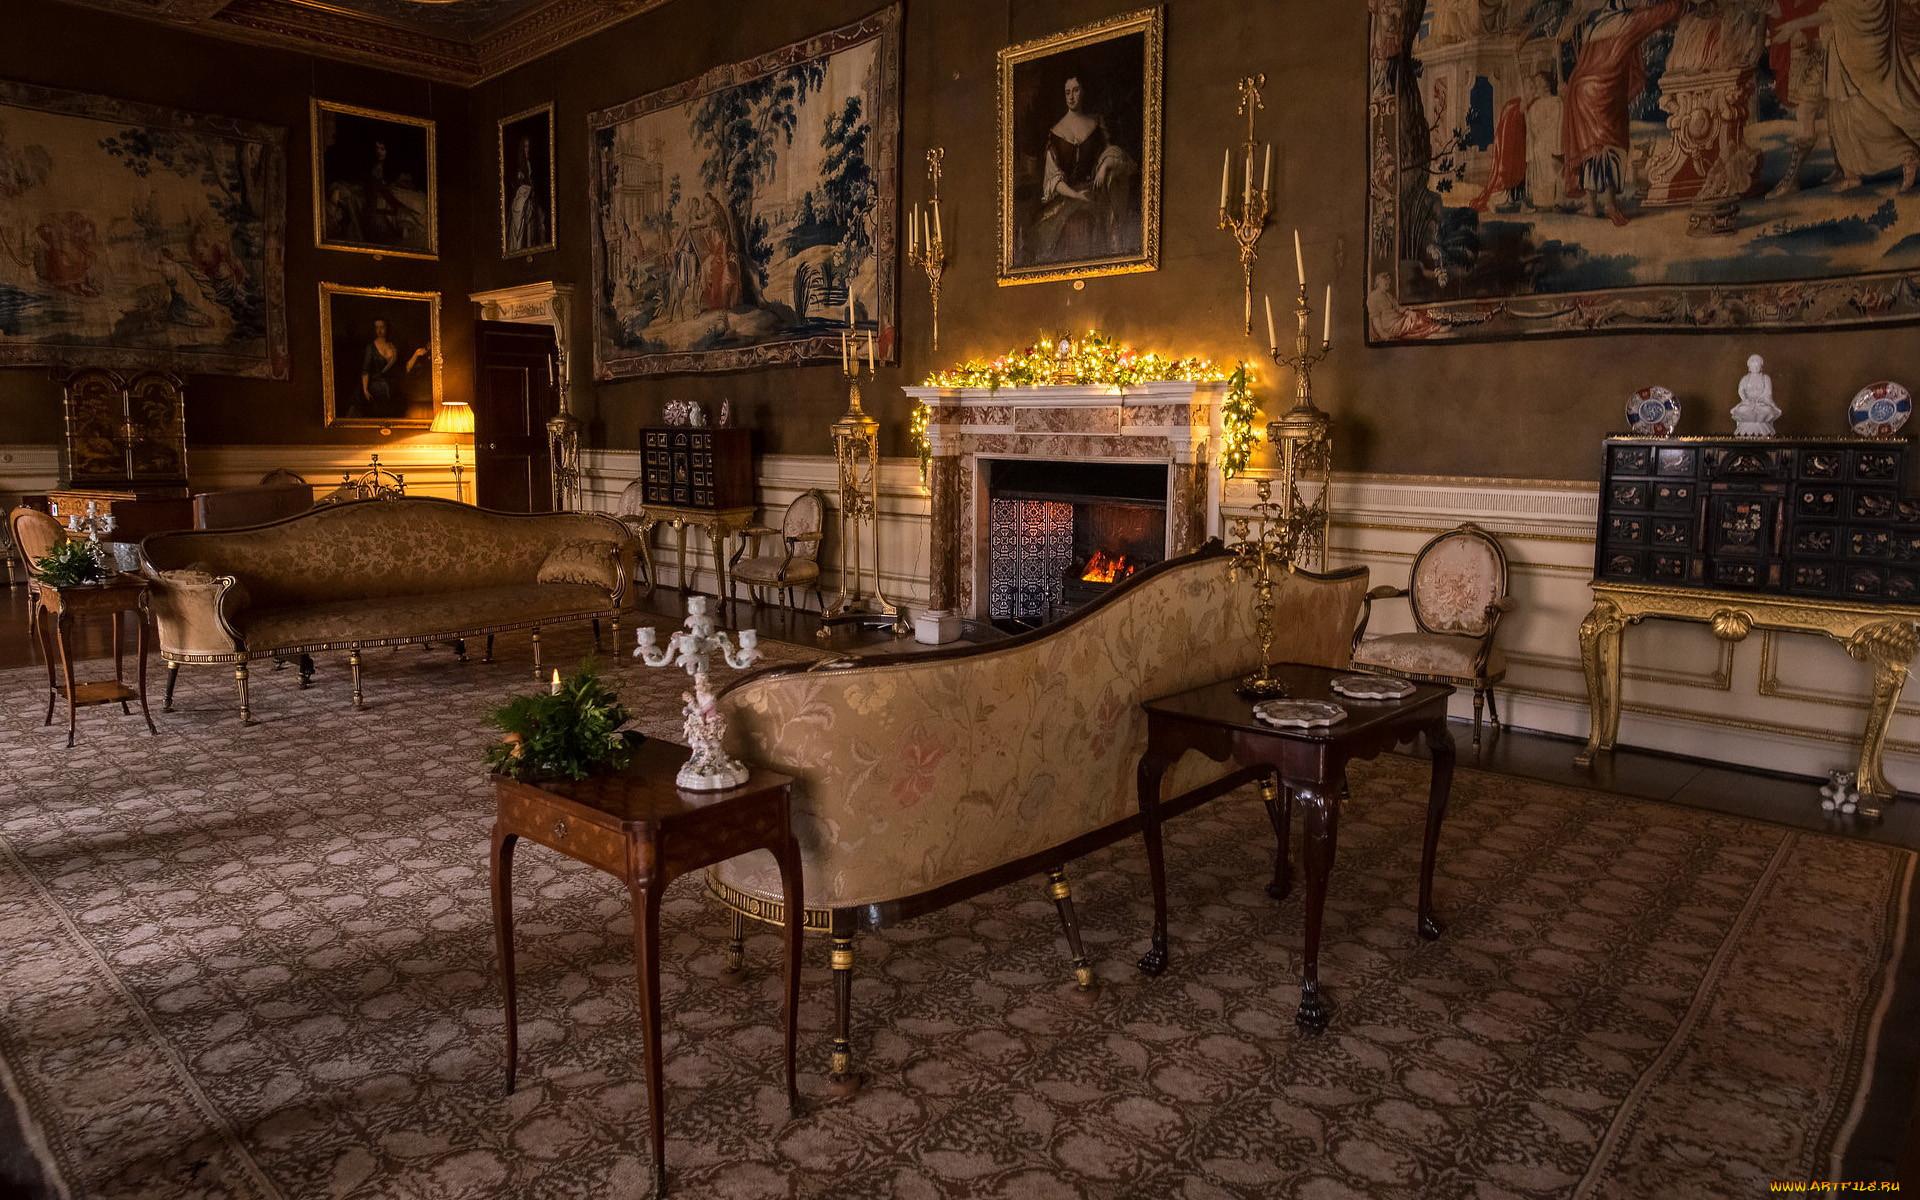 интерьер, дворцы,  музеи, свечи, камин